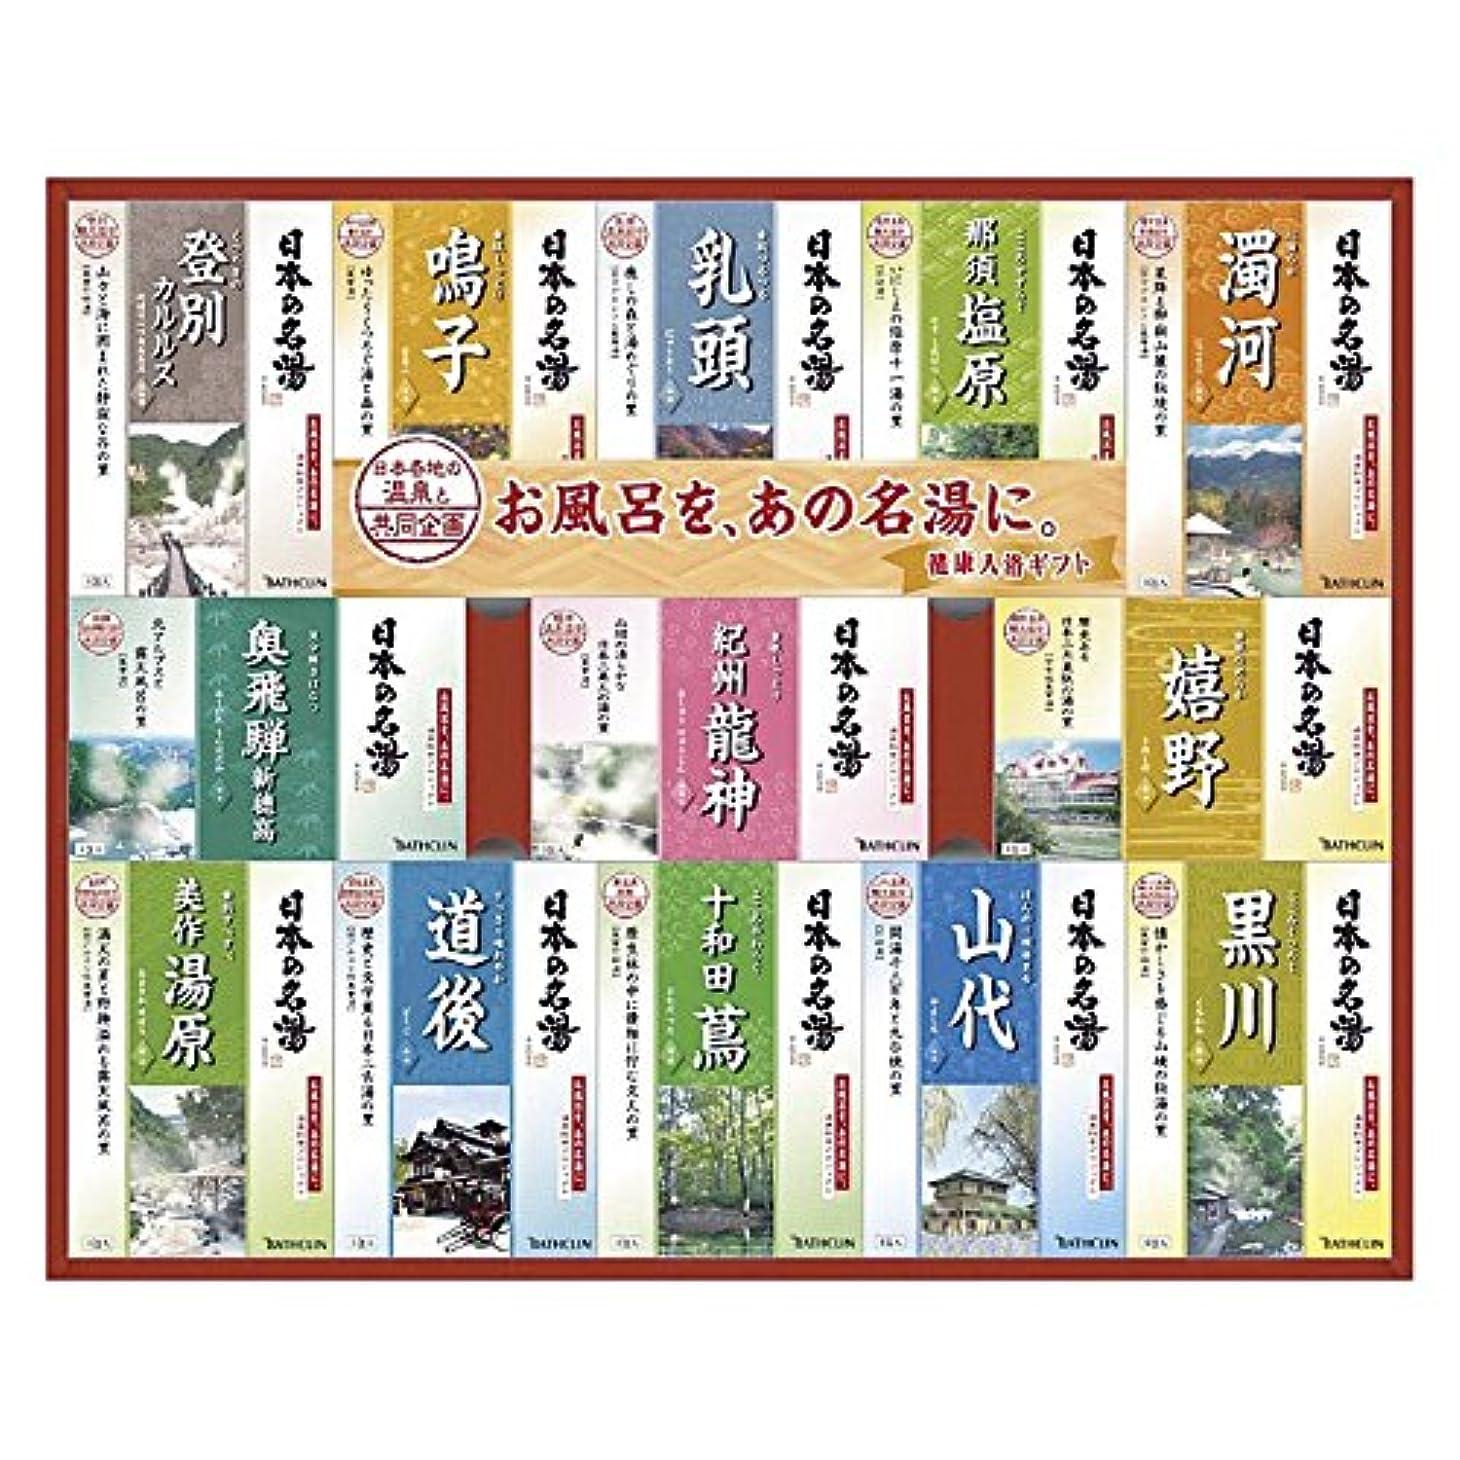 ラビリンス欲しいです褐色バスクリン 日本の名湯 ギフトセット NMG-50F 【個包装 セット 詰め合わせ 疲労回復 ご褒美 贅沢 プチギフト 温まる 温泉 粉 ご当地 まとめ買い 名湯 リラックス 美肌 つめあわせ やさしい やすらぎ】